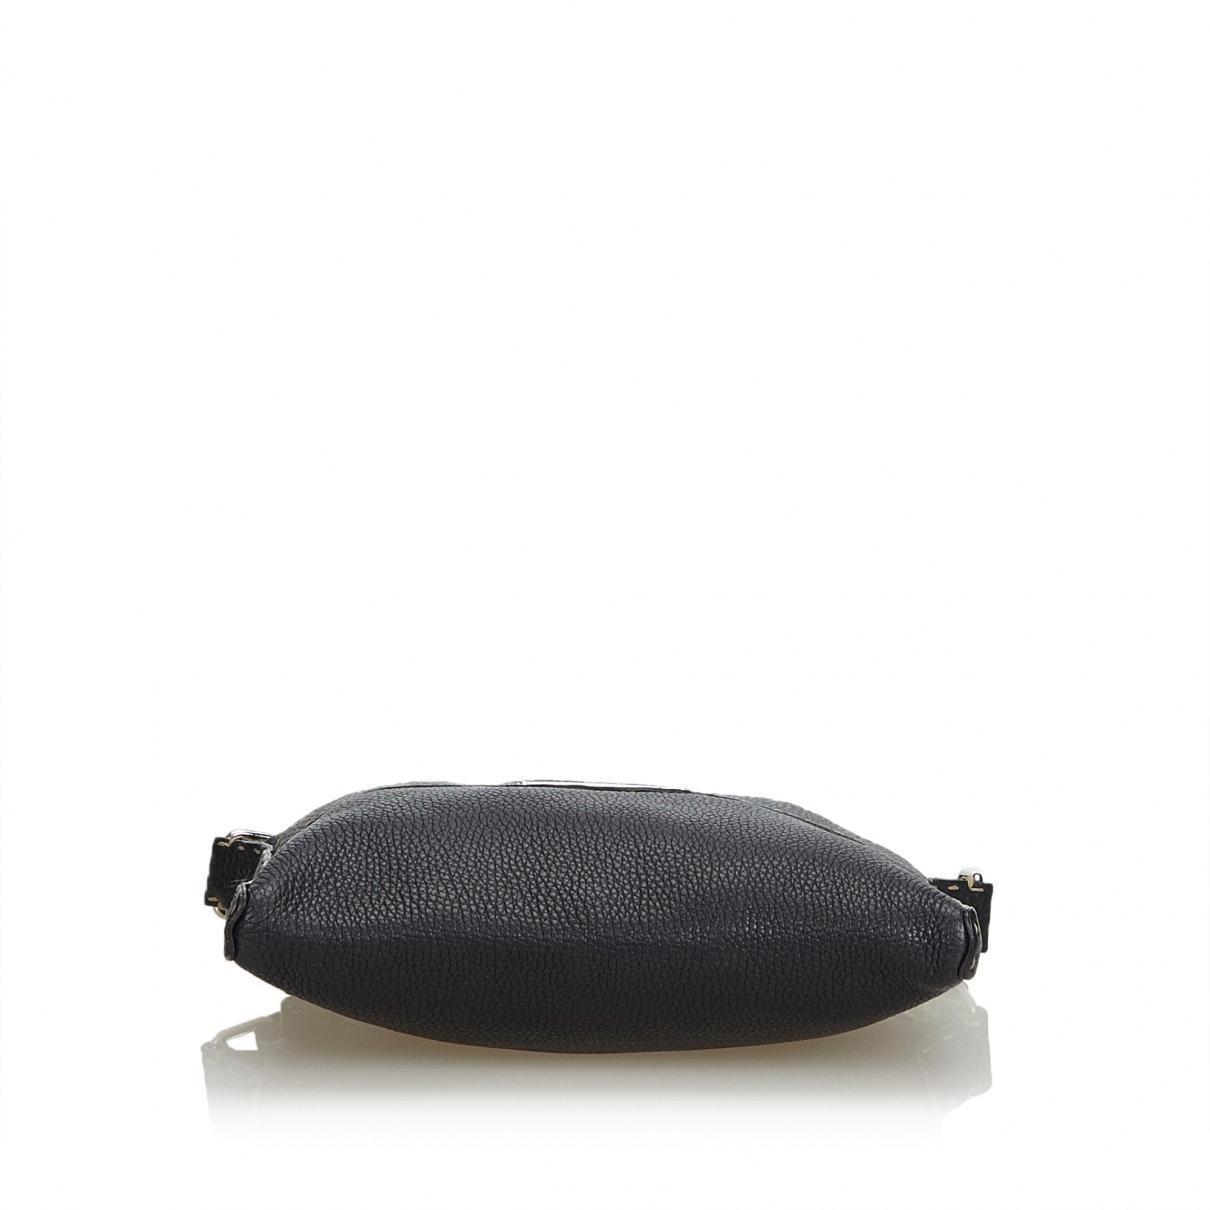 Sacs à main Cuir Fendi en coloris Noir CJrg